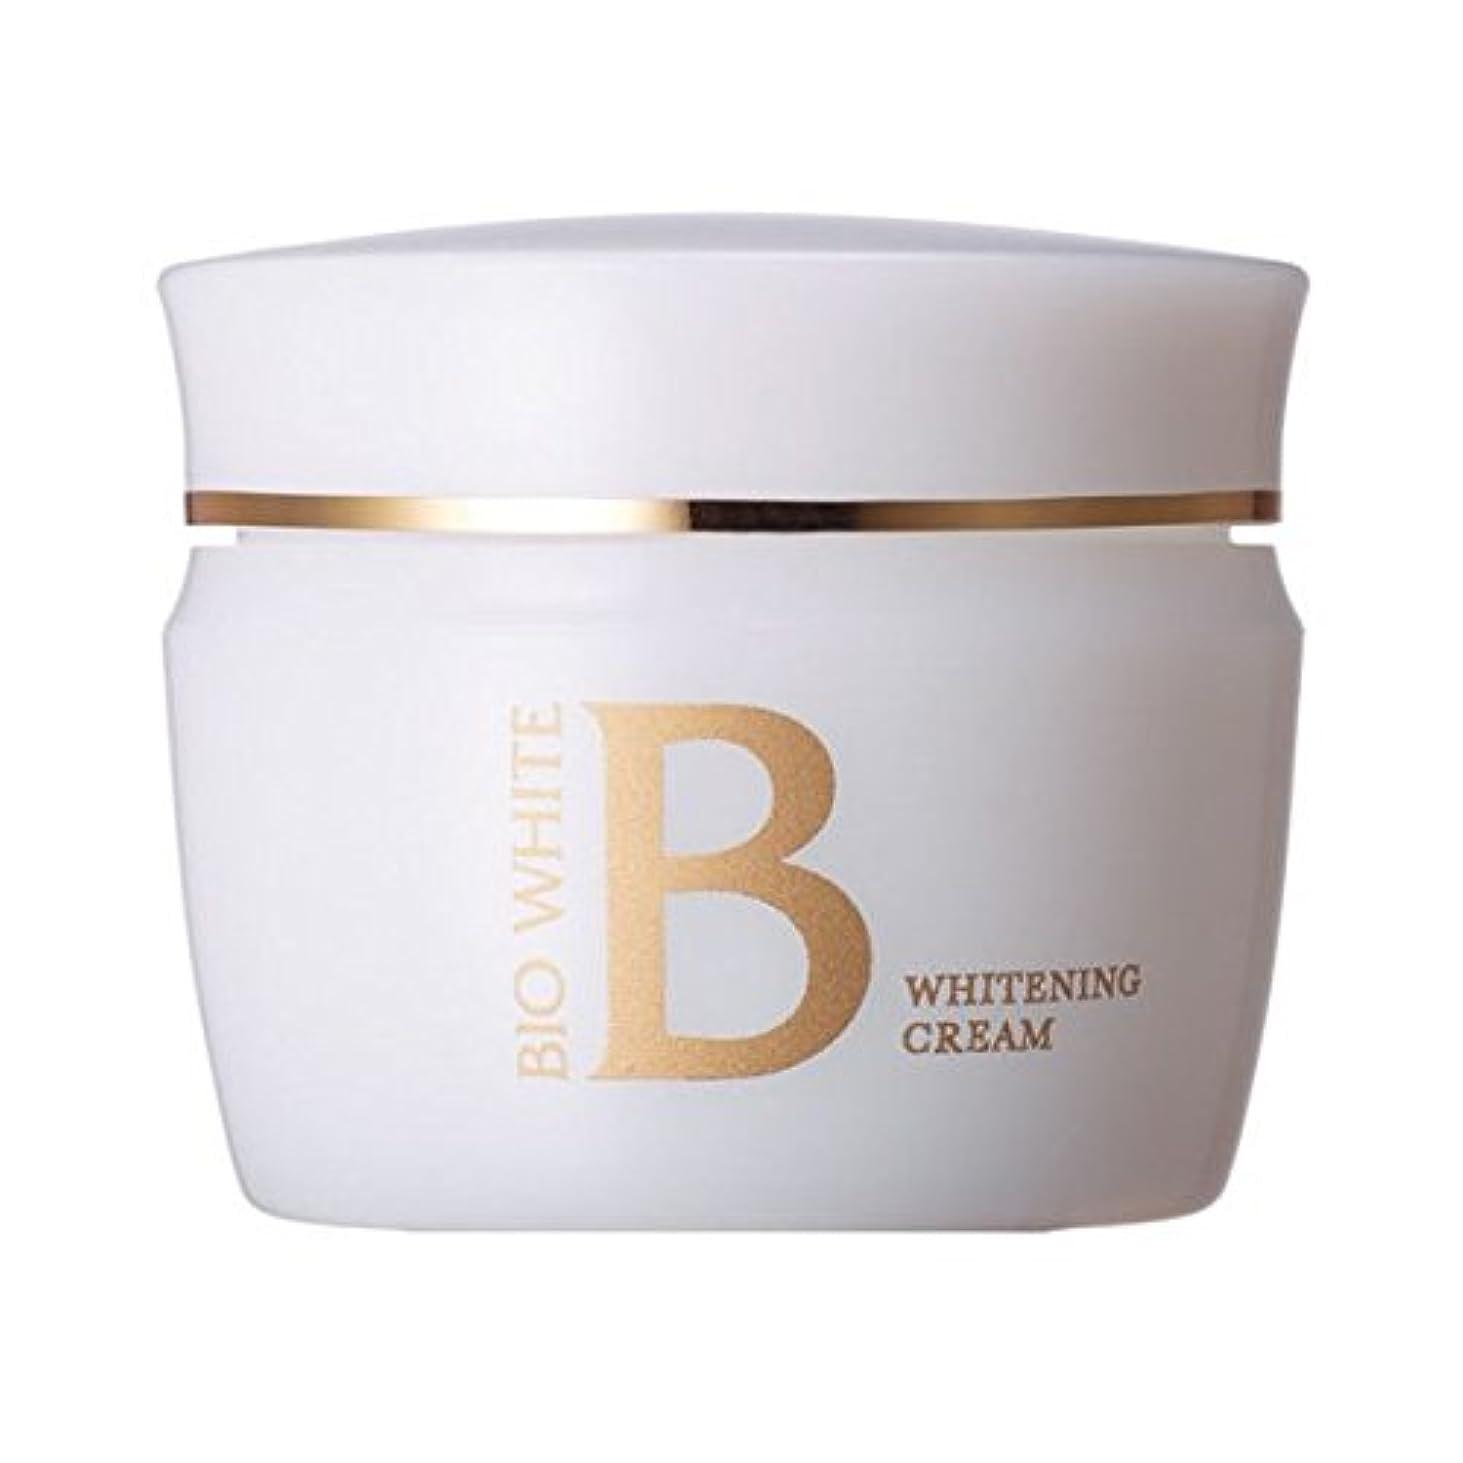 トレイ熟達した本を読むエビス化粧品(EBiS) ビーホワイトクリーム40g トラネキサム酸配合 美白クリーム フェイスクリーム